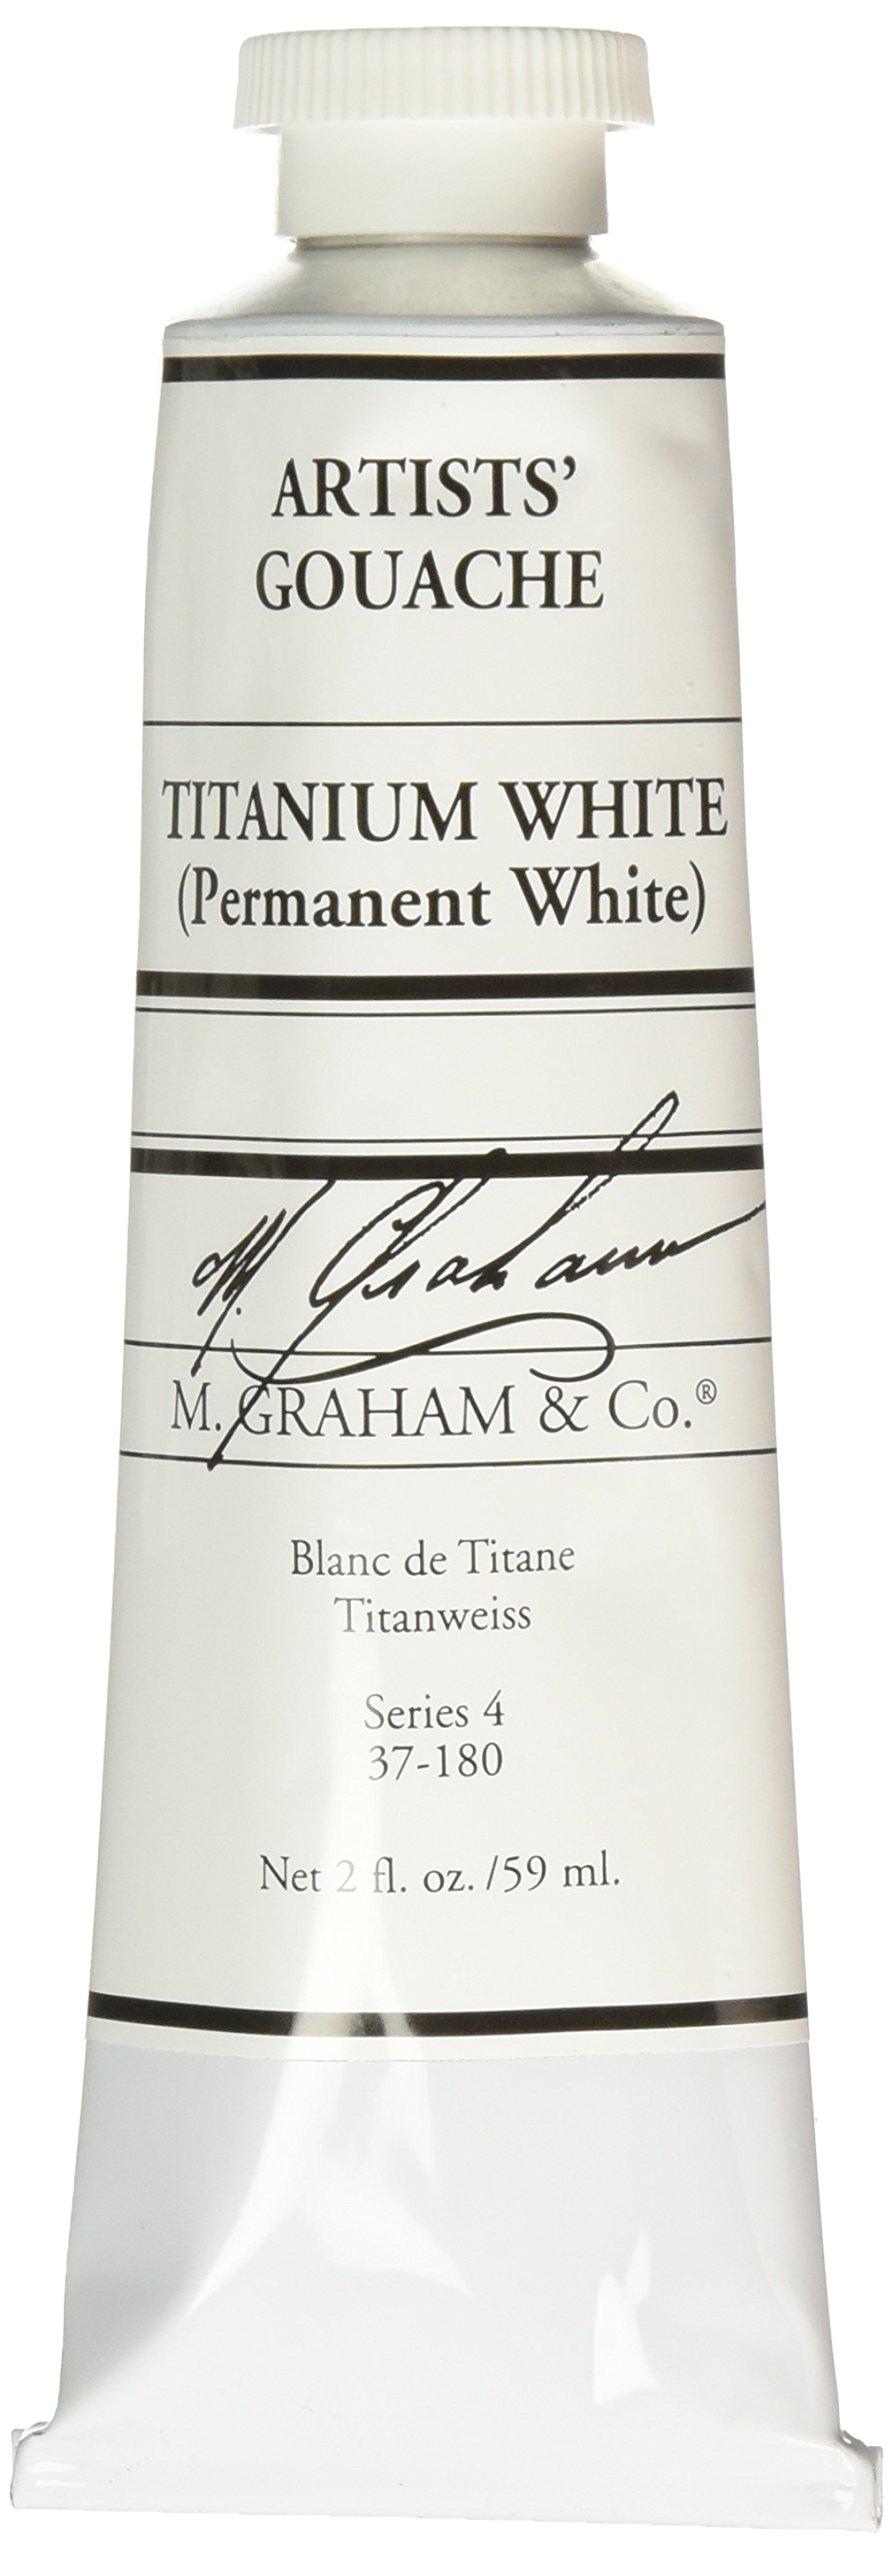 M. Graham 2-Ounce Tube Gouache Paint, Titanium White by M. Graham & Co.